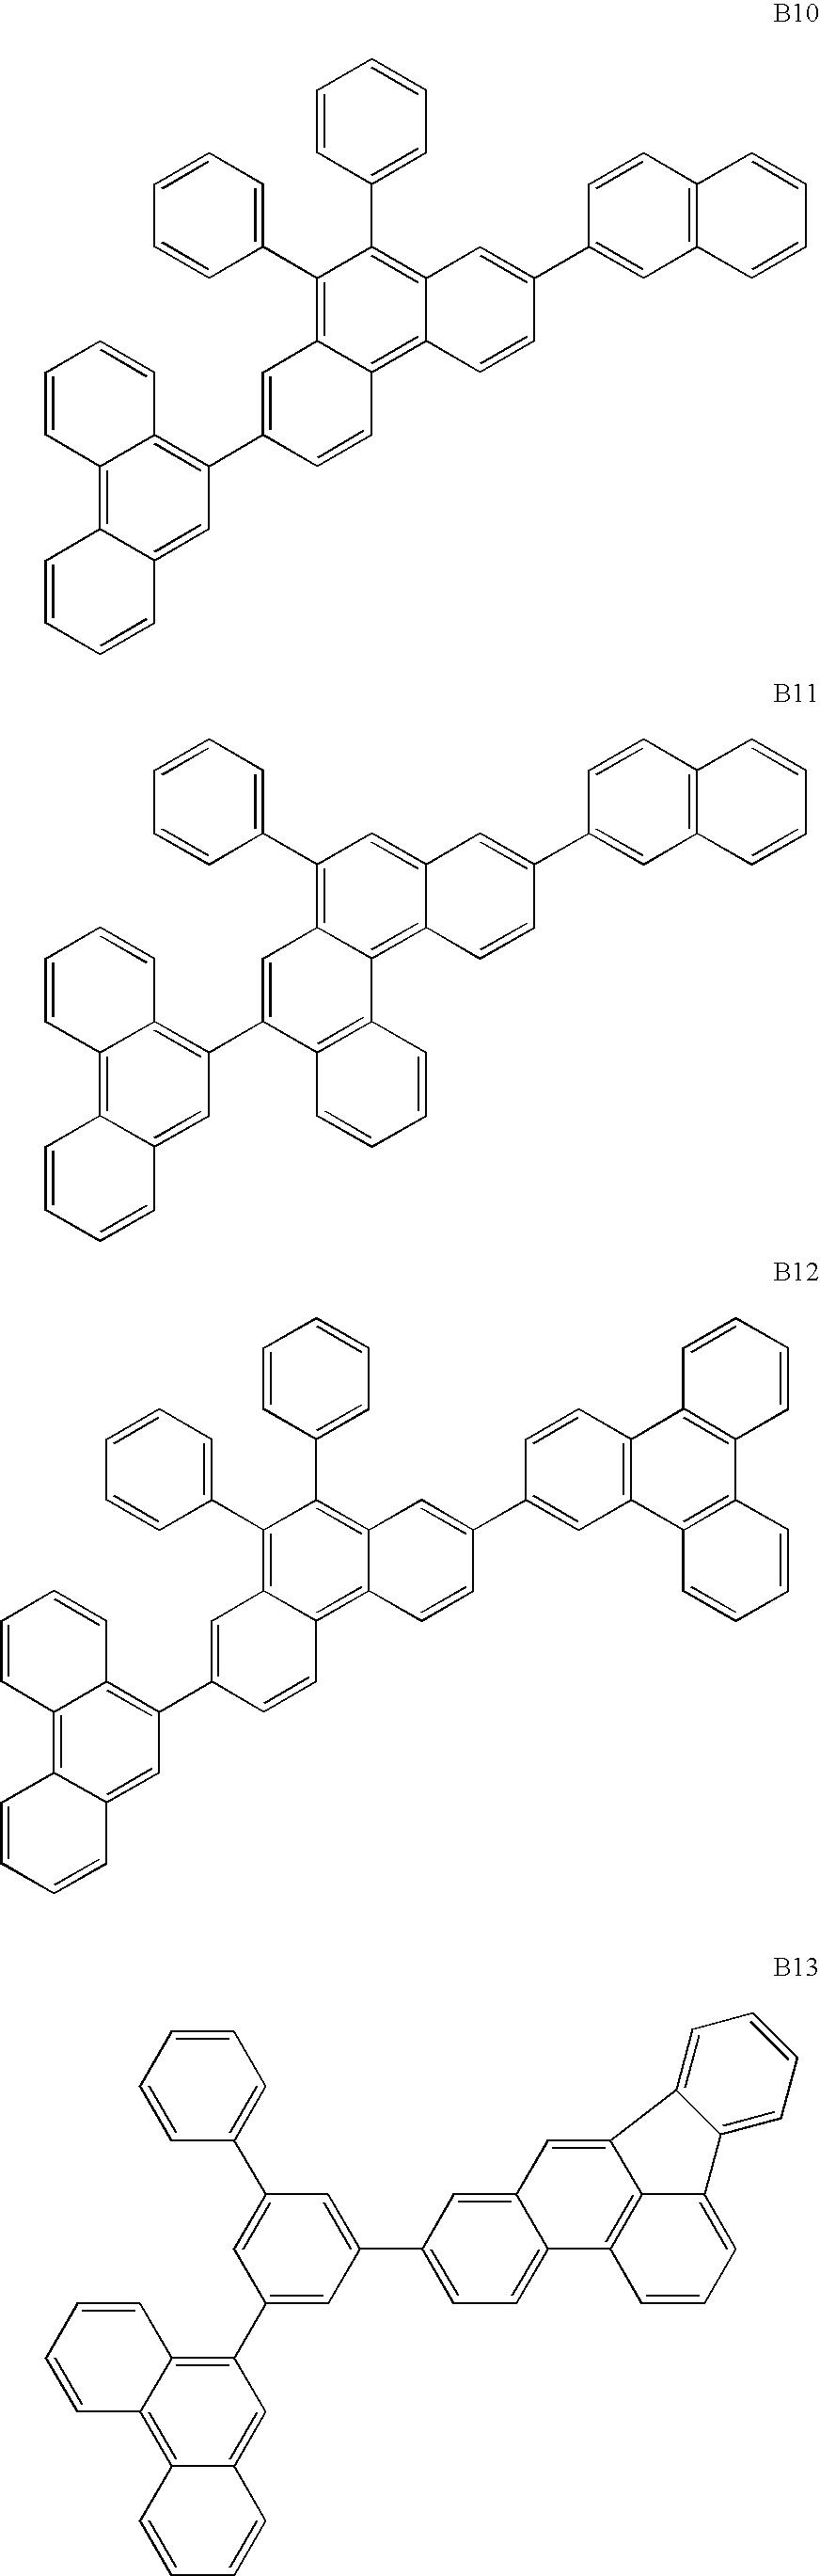 Figure US08779655-20140715-C00008